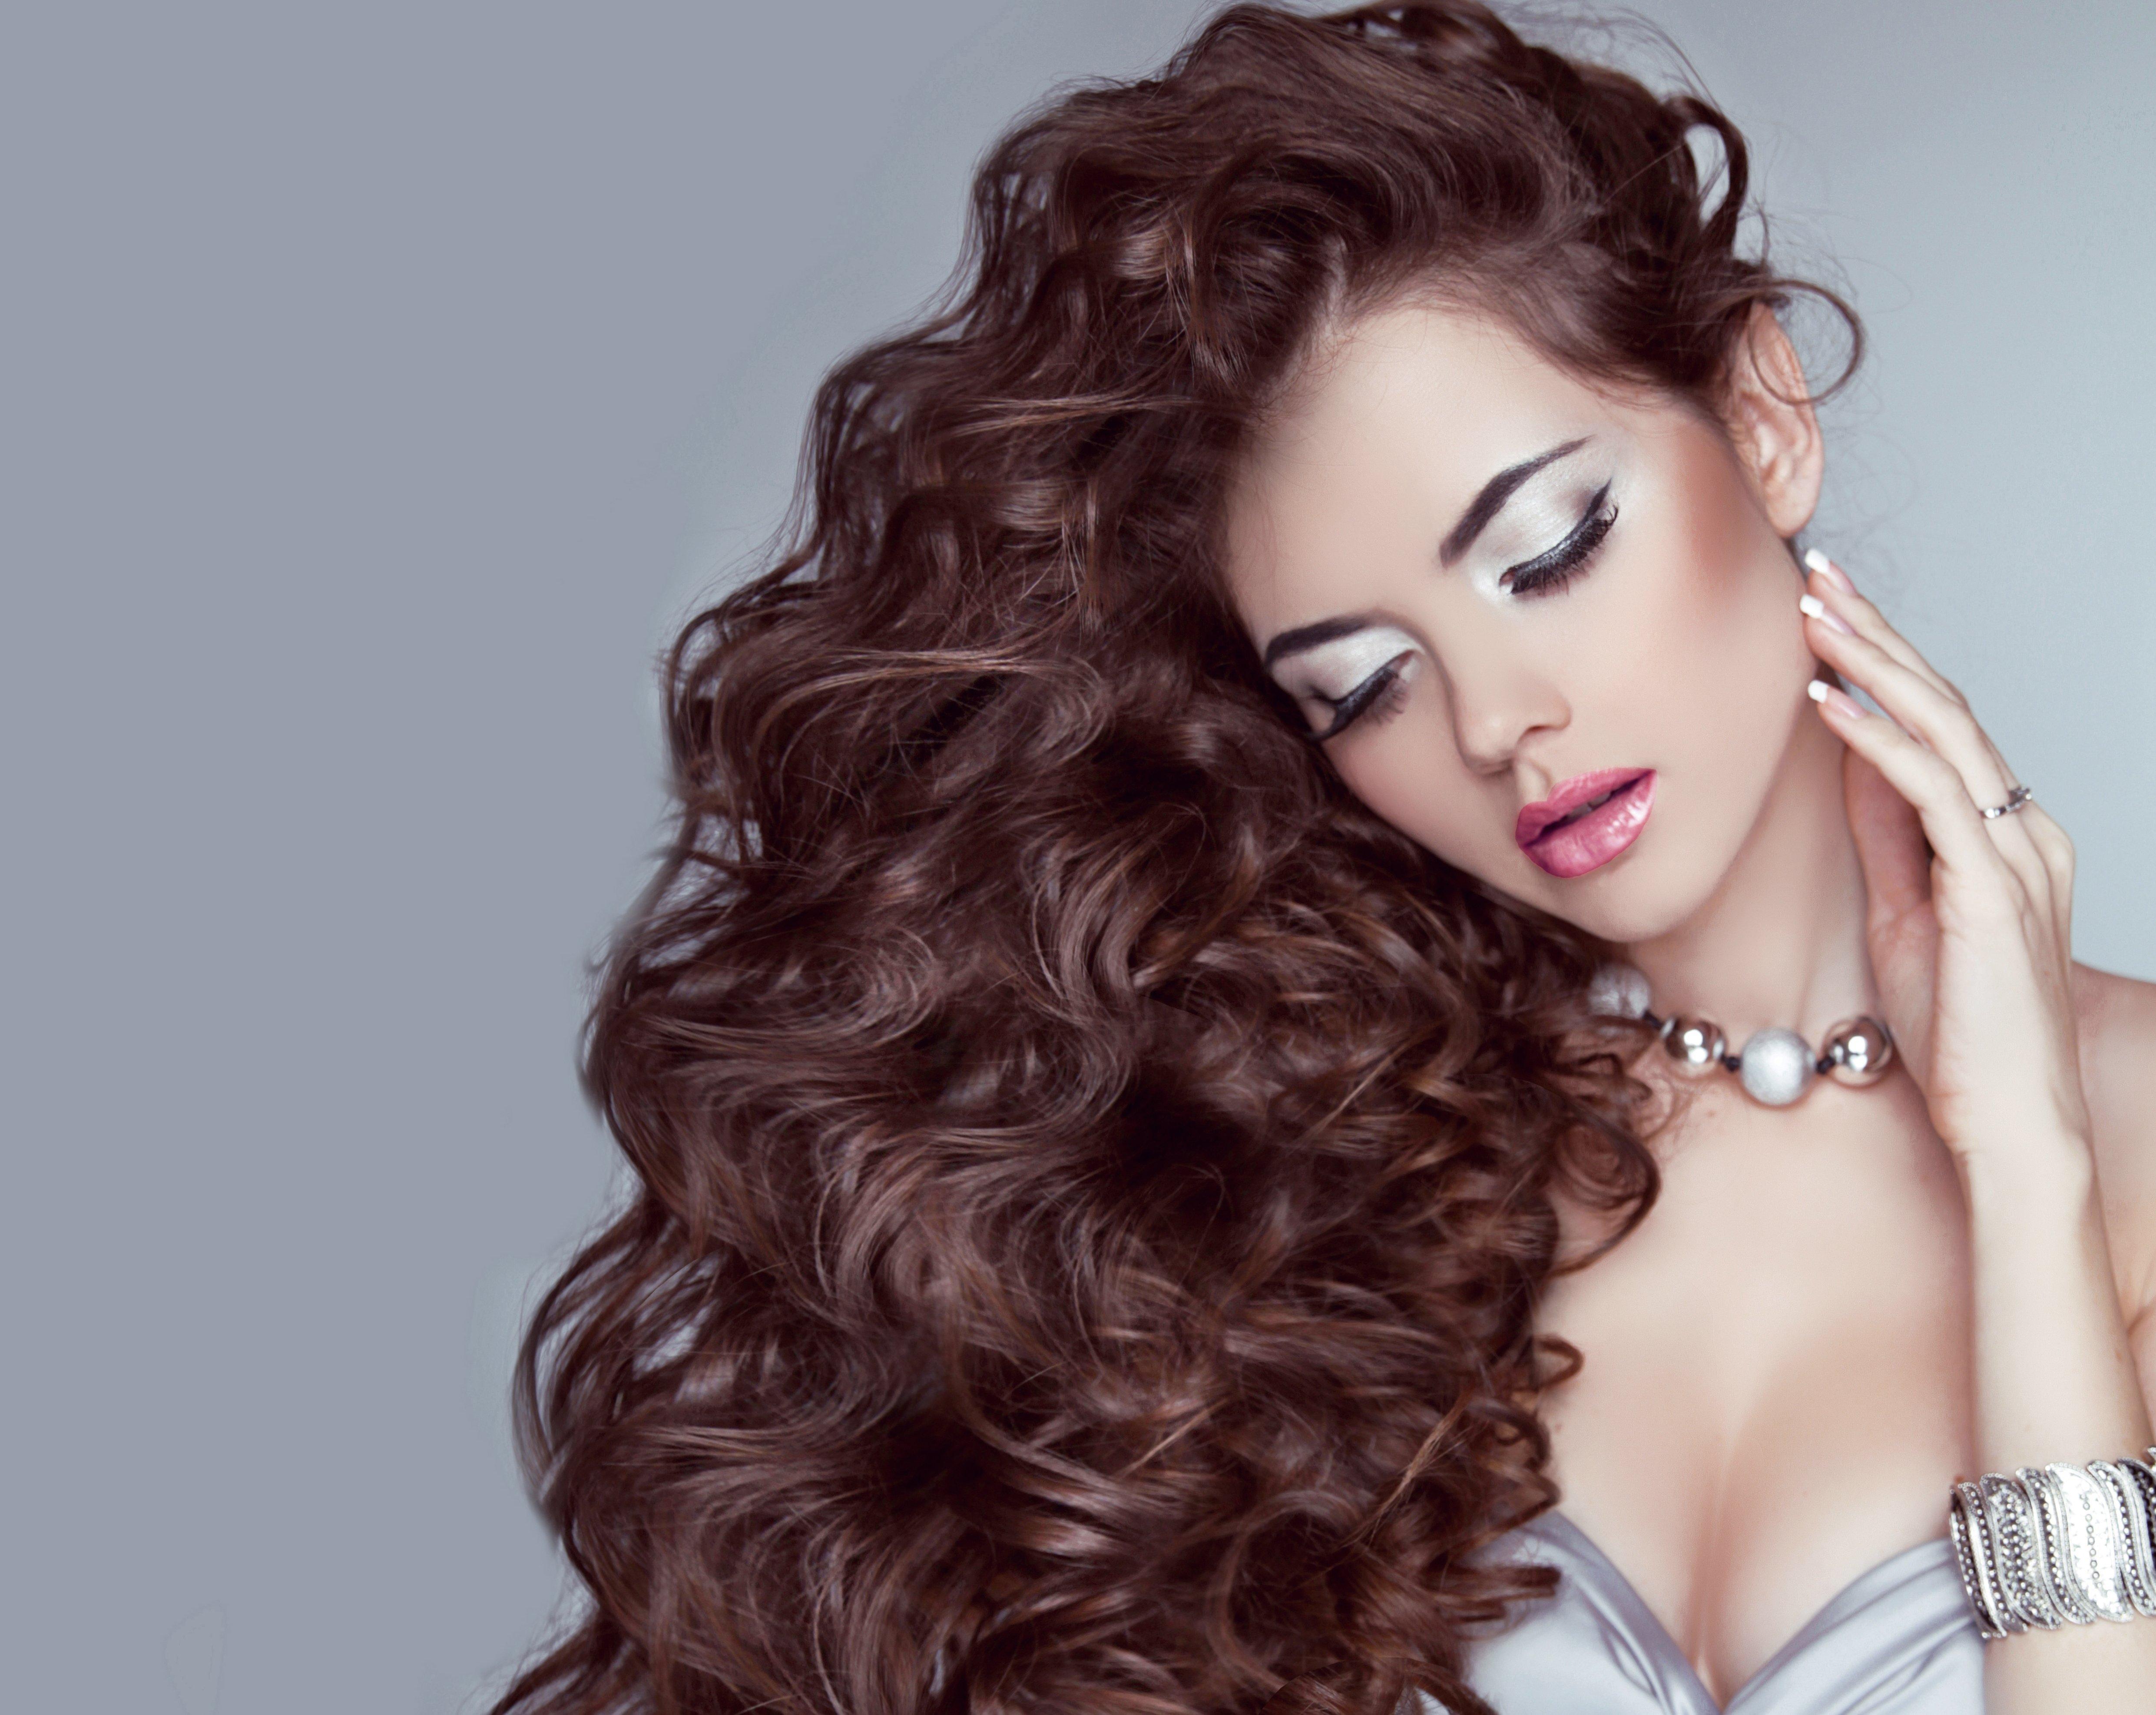 Девушка с длинными, волнистыми, темными волосами